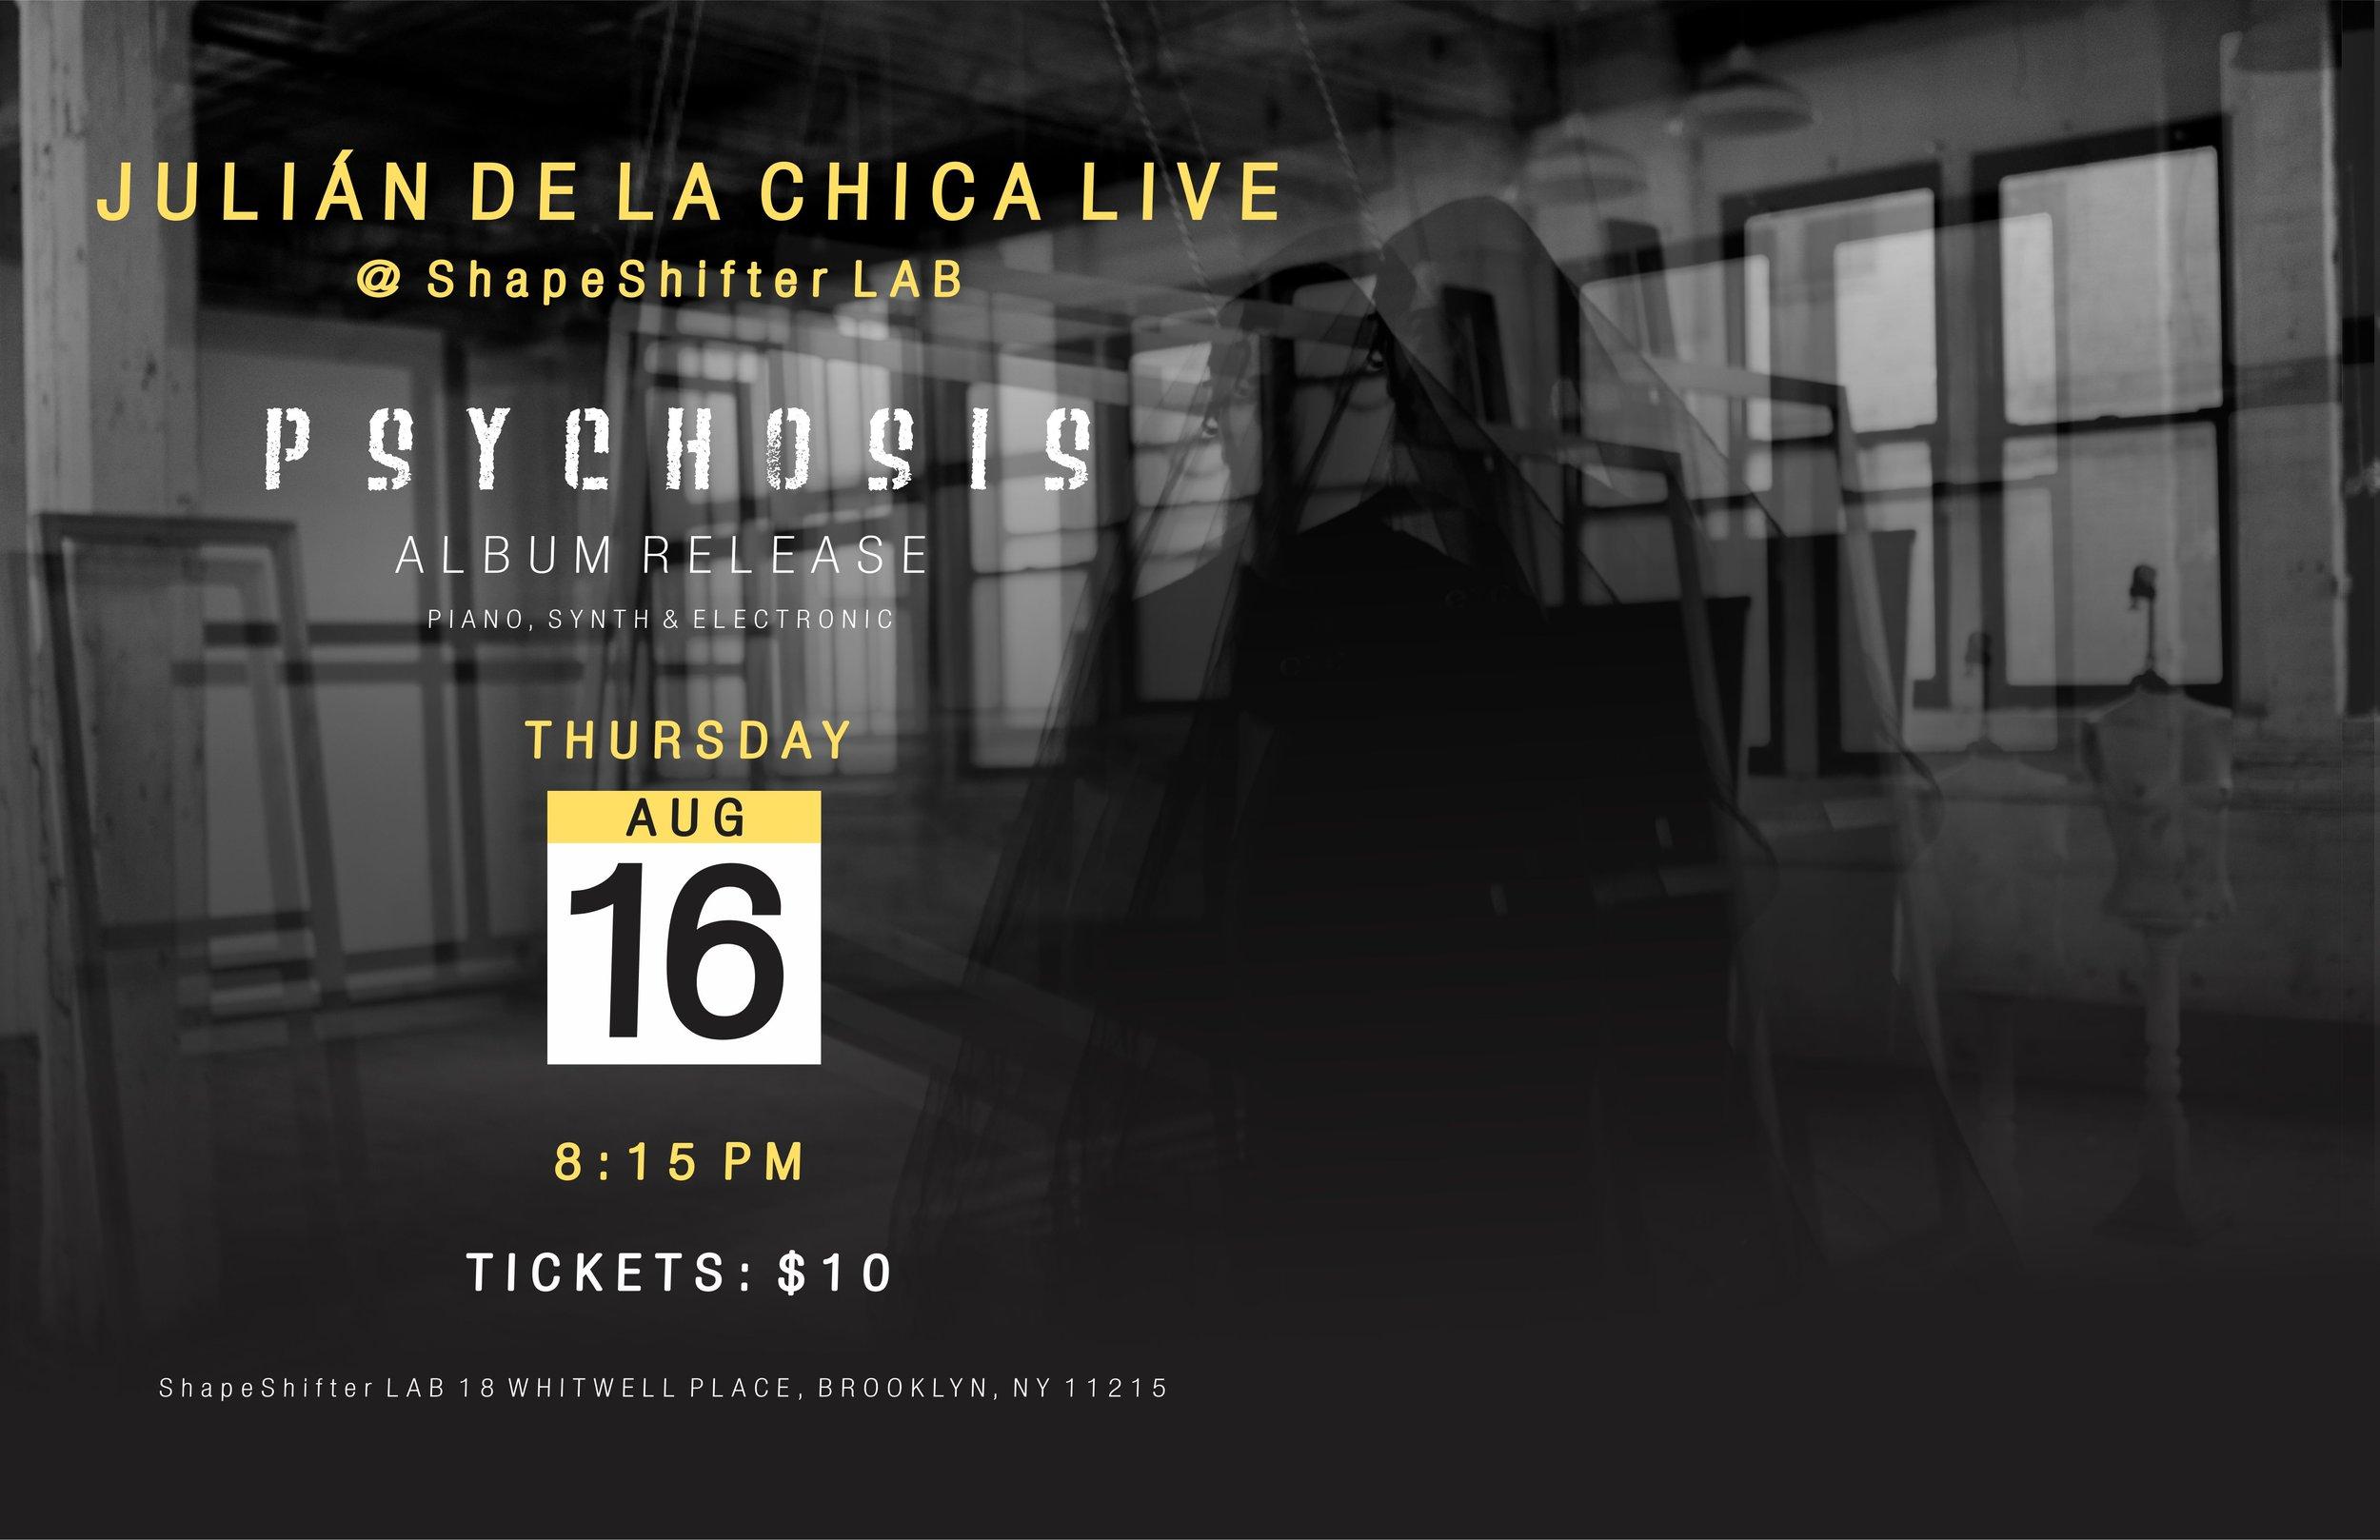 Julián De La Chica Live at ShapeShifter Lab   Julian De La Chica